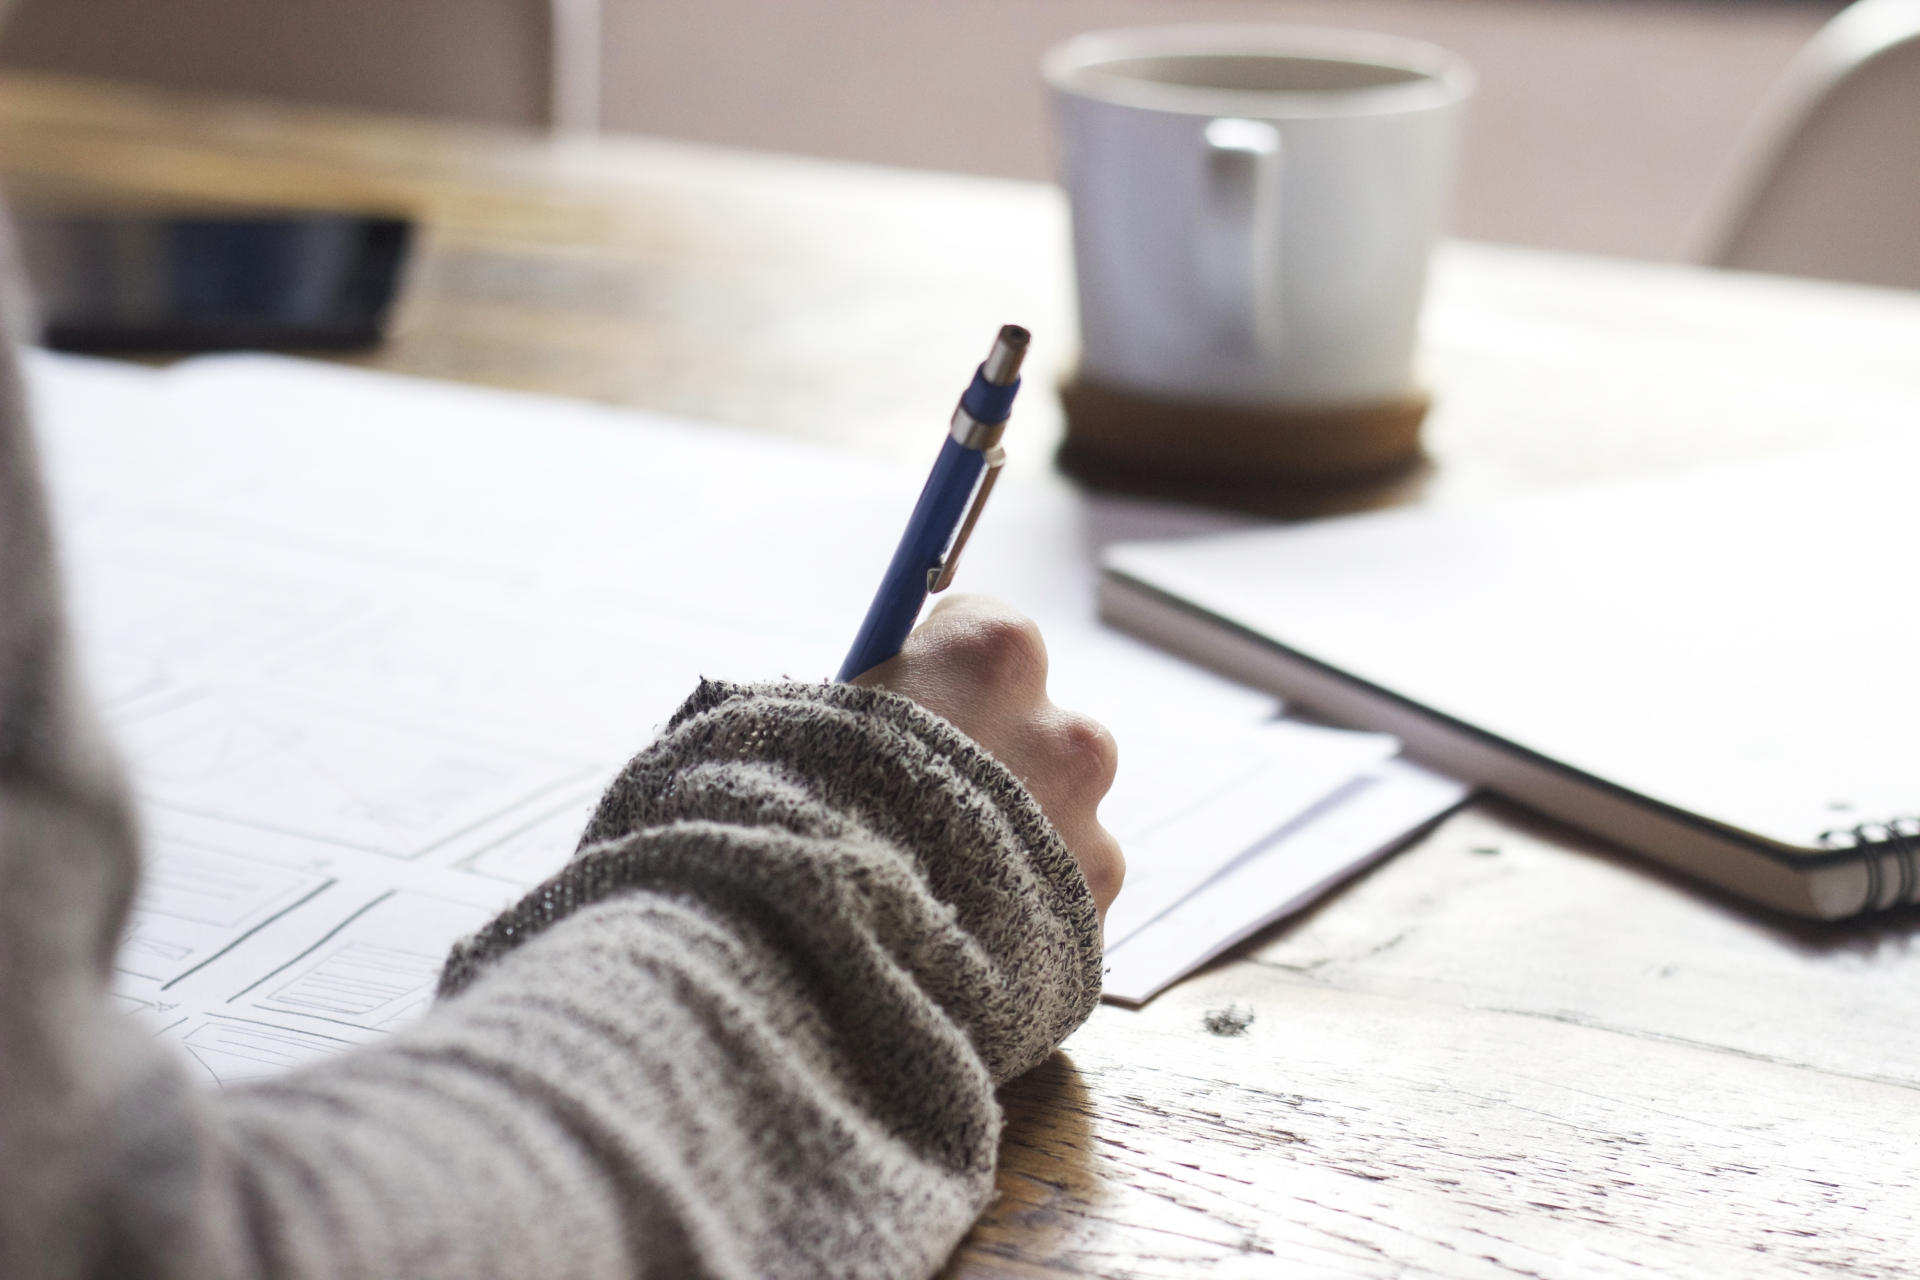 公認会計士試験合格までの道のり4